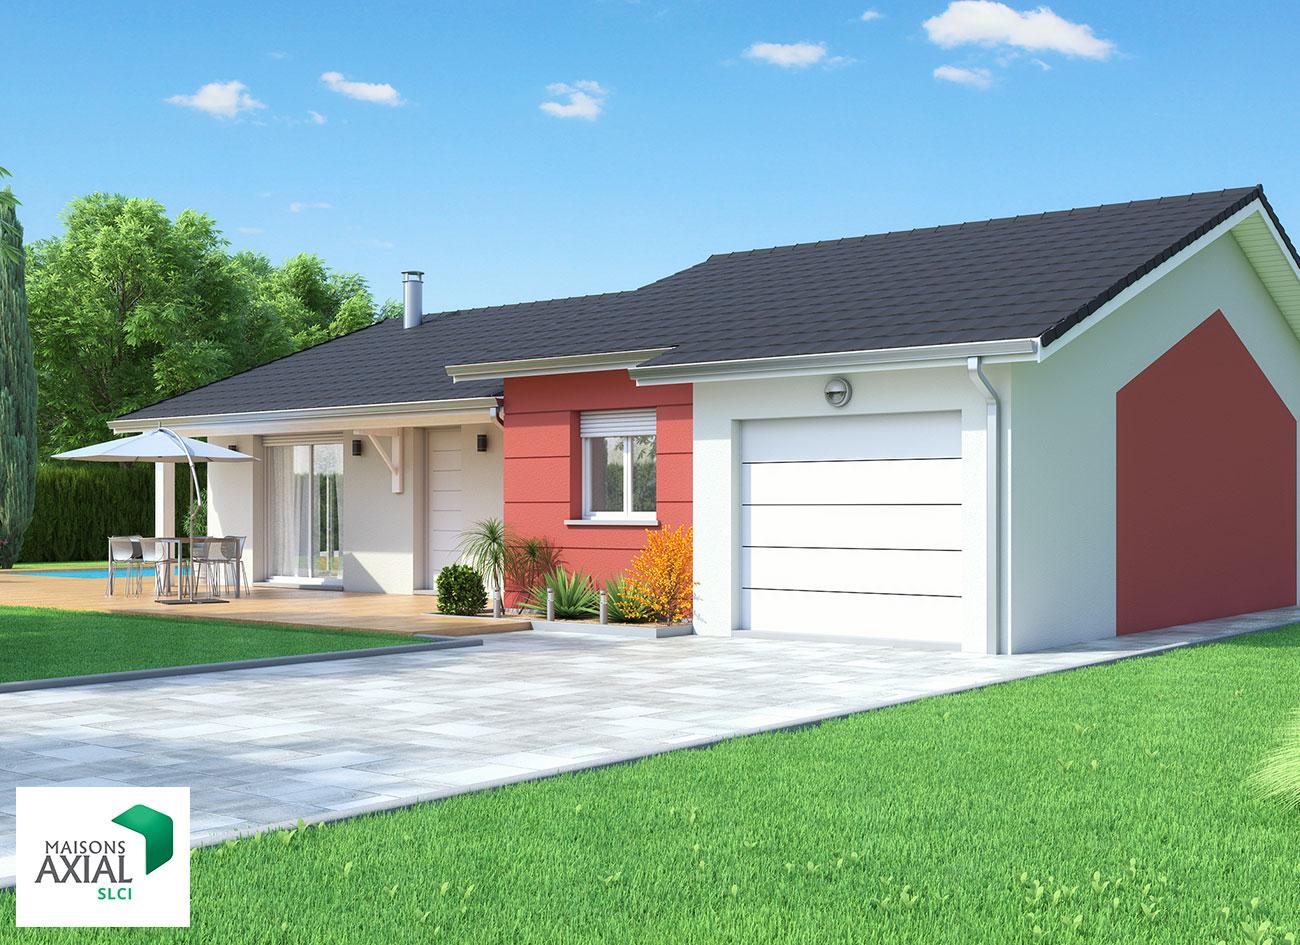 Maisons individuelles maisons axial slci reseau procivis for Maisons individuelles